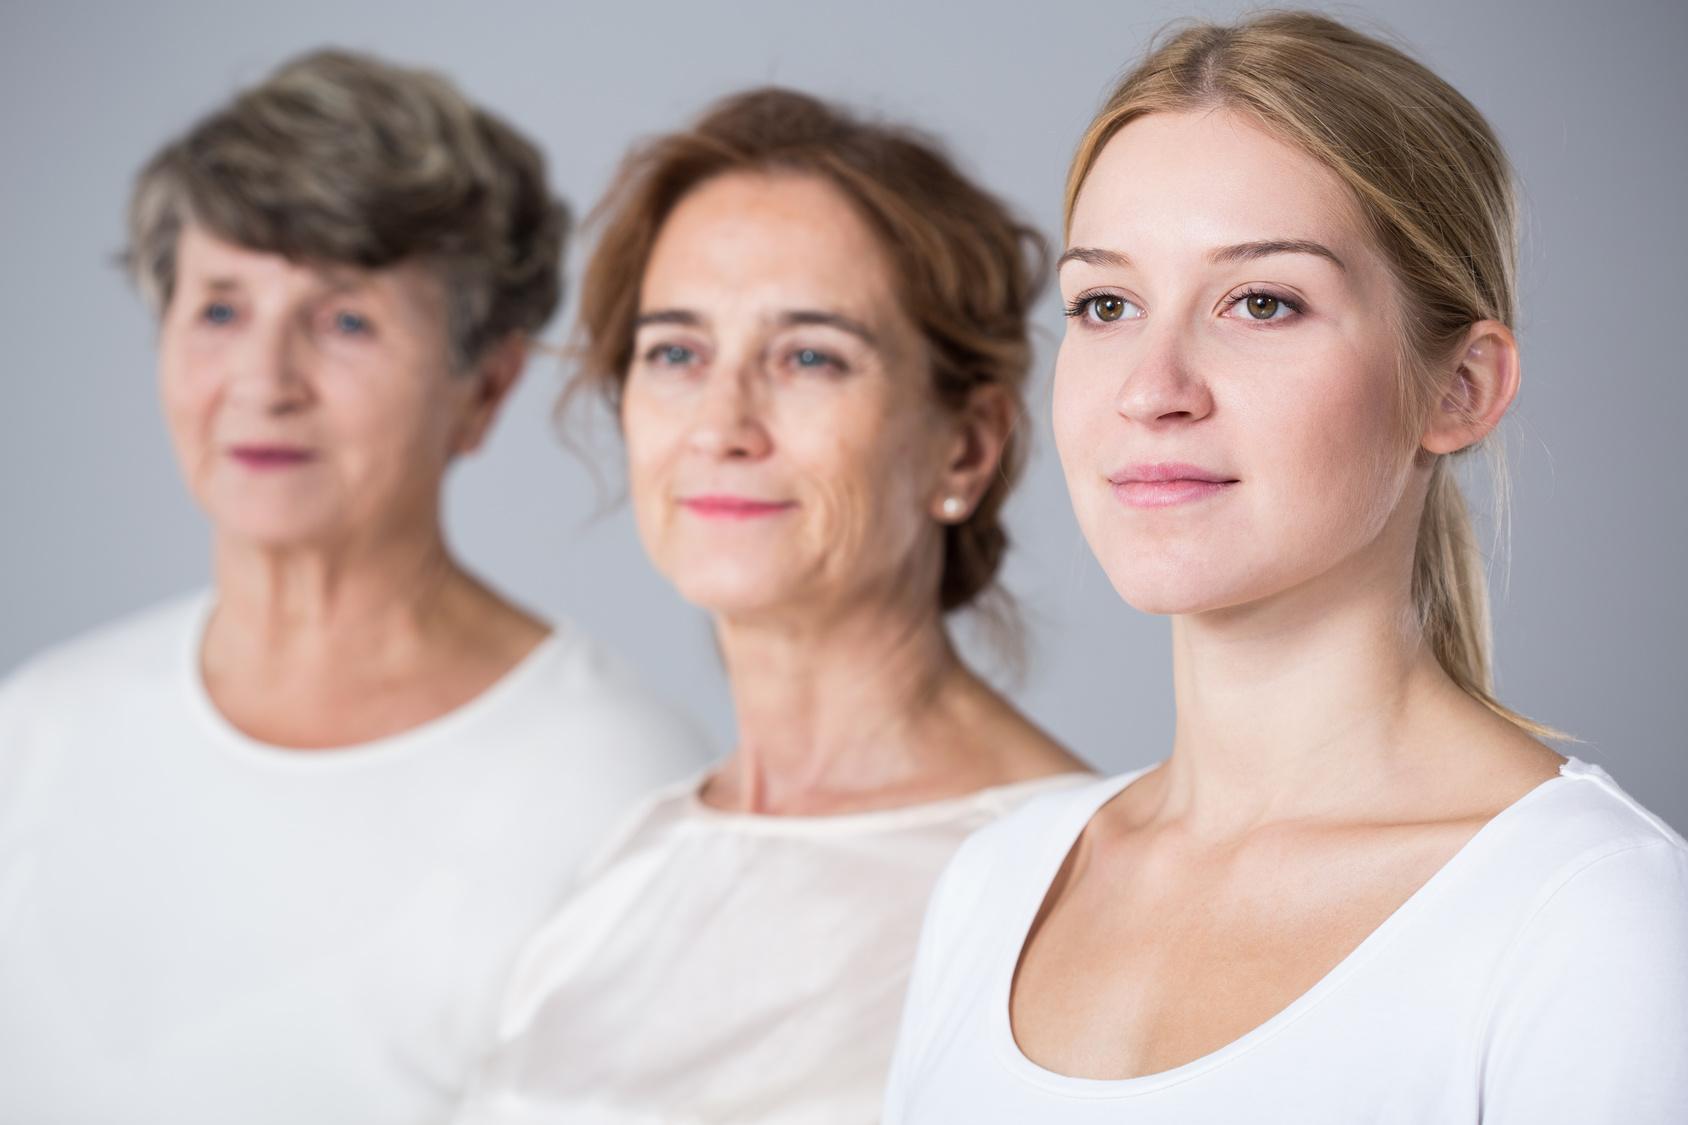 Dzień zdrowych kobiet - O jakich badaniach pamiętać mając 30+, 40+ i 50+?